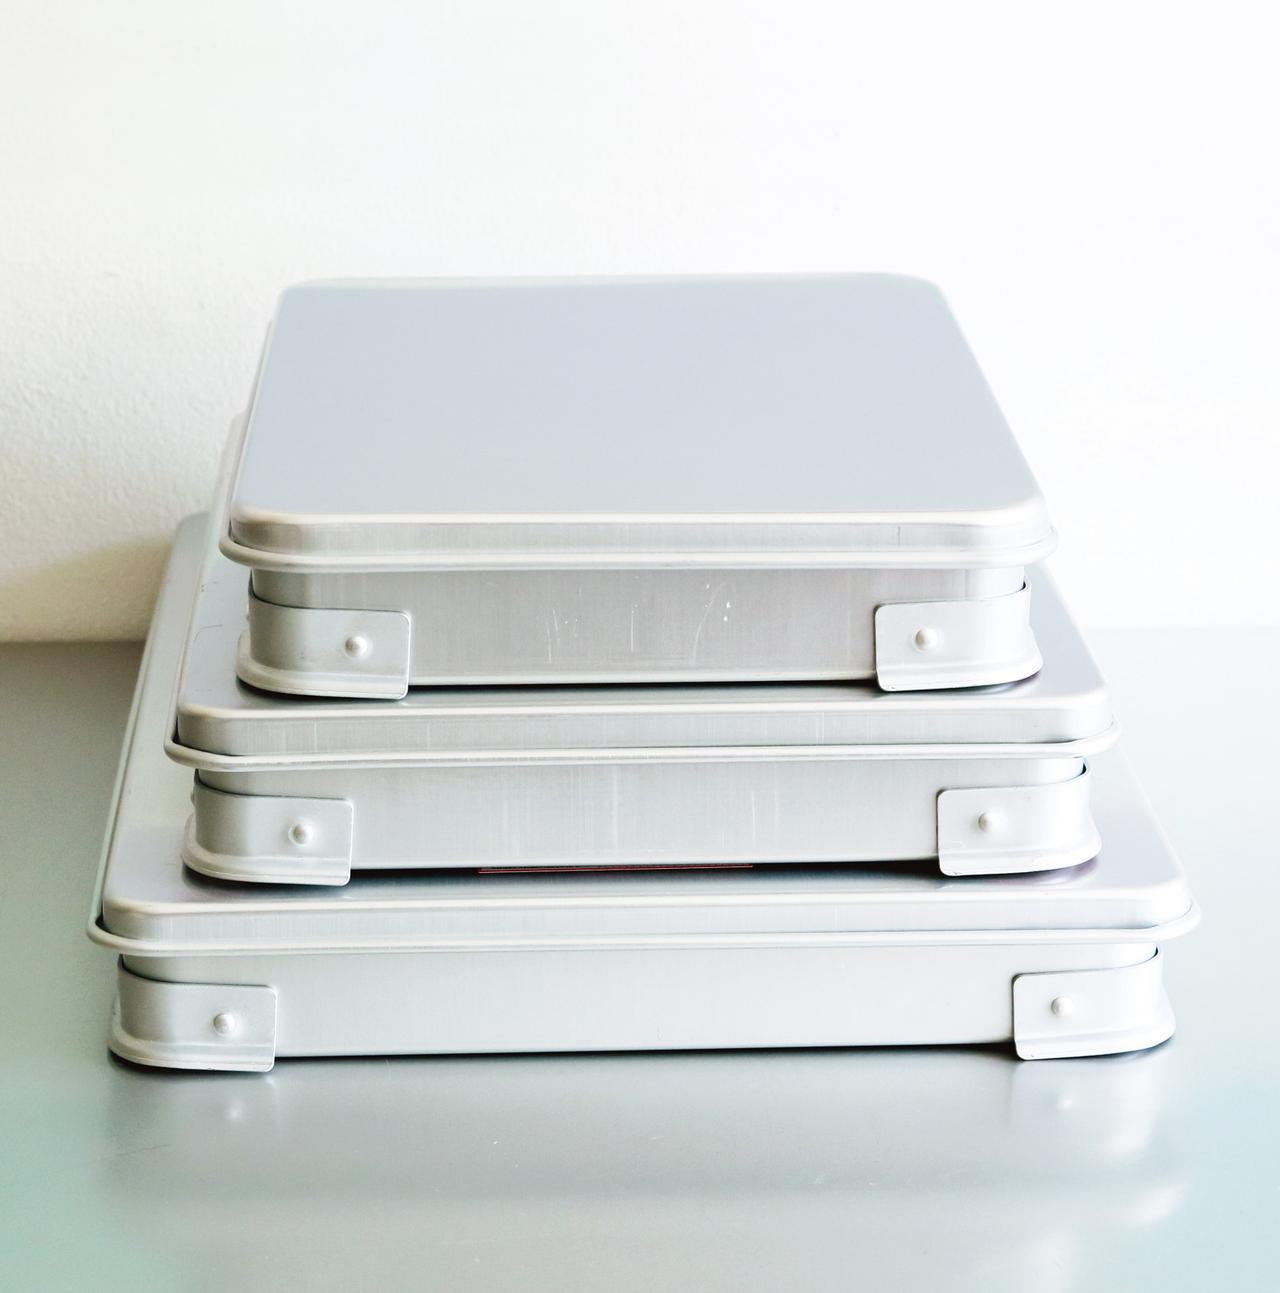 画像: ふた付きでスタッキングでき、使わないときは入れ子状に収納できる。小物の整理や、バーベキューの食材、餃子を詰めても